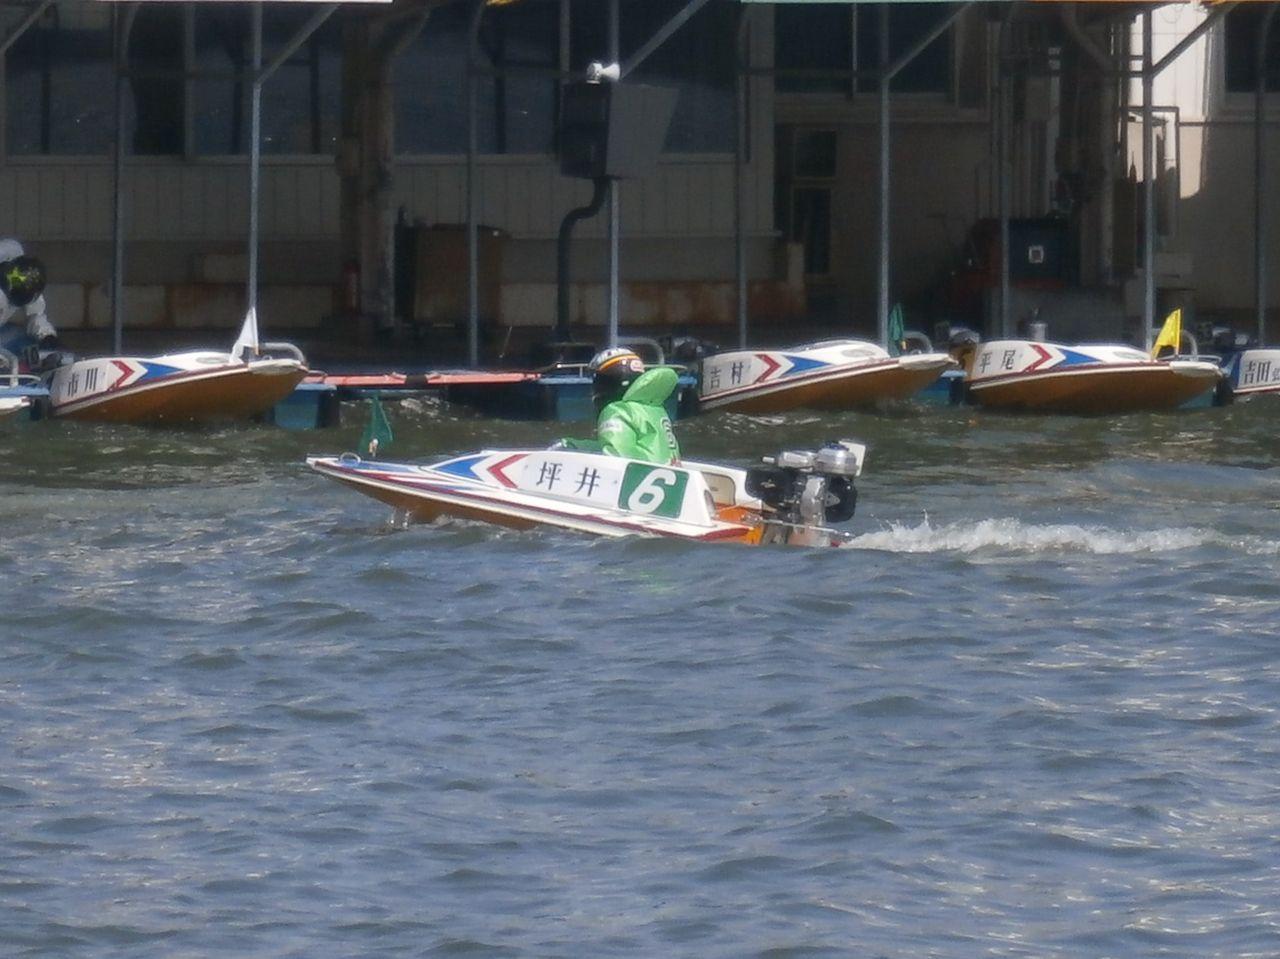 ボート レース リプレイ 琵琶湖